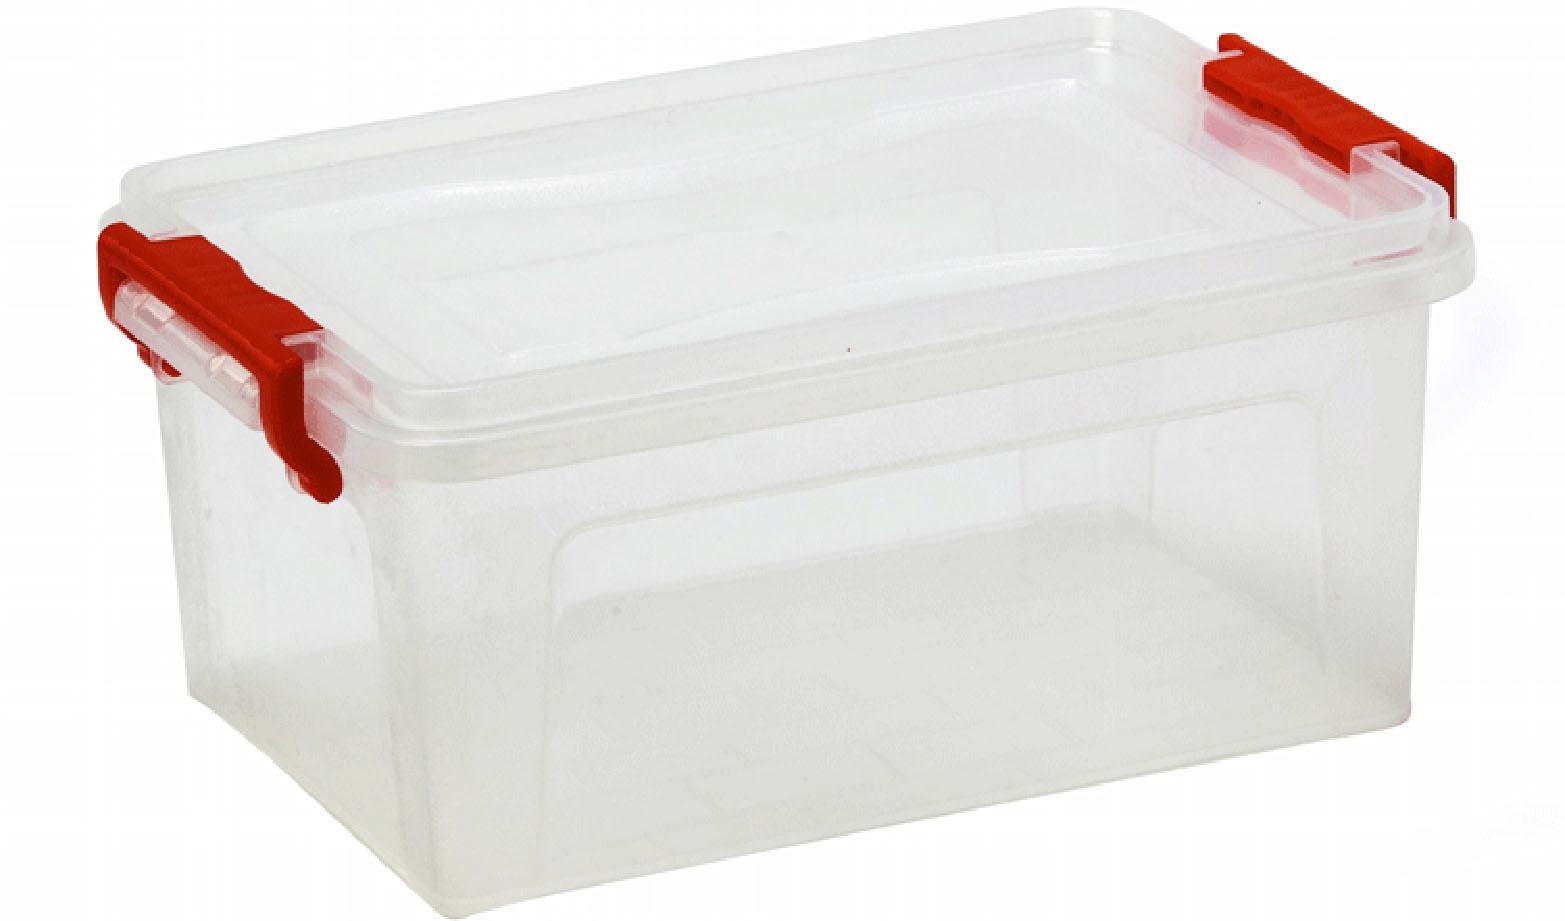 Контейнер для хранения Idea Микс, прямоугольный, цвет: прозрачный, 14 лМ 2866Контейнер для хранения Idea Микс выполнен из высококачественного пластика. Контейнер снабжен двумя пластиковыми фиксаторами по бокам, придающими дополнительную надежность закрывания крышки. Вместительный контейнер позволит сохранить различные нужные вещи в порядке, а герметичная крышка предотвратит случайное открывание, защитит содержимое от пыли и грязи.